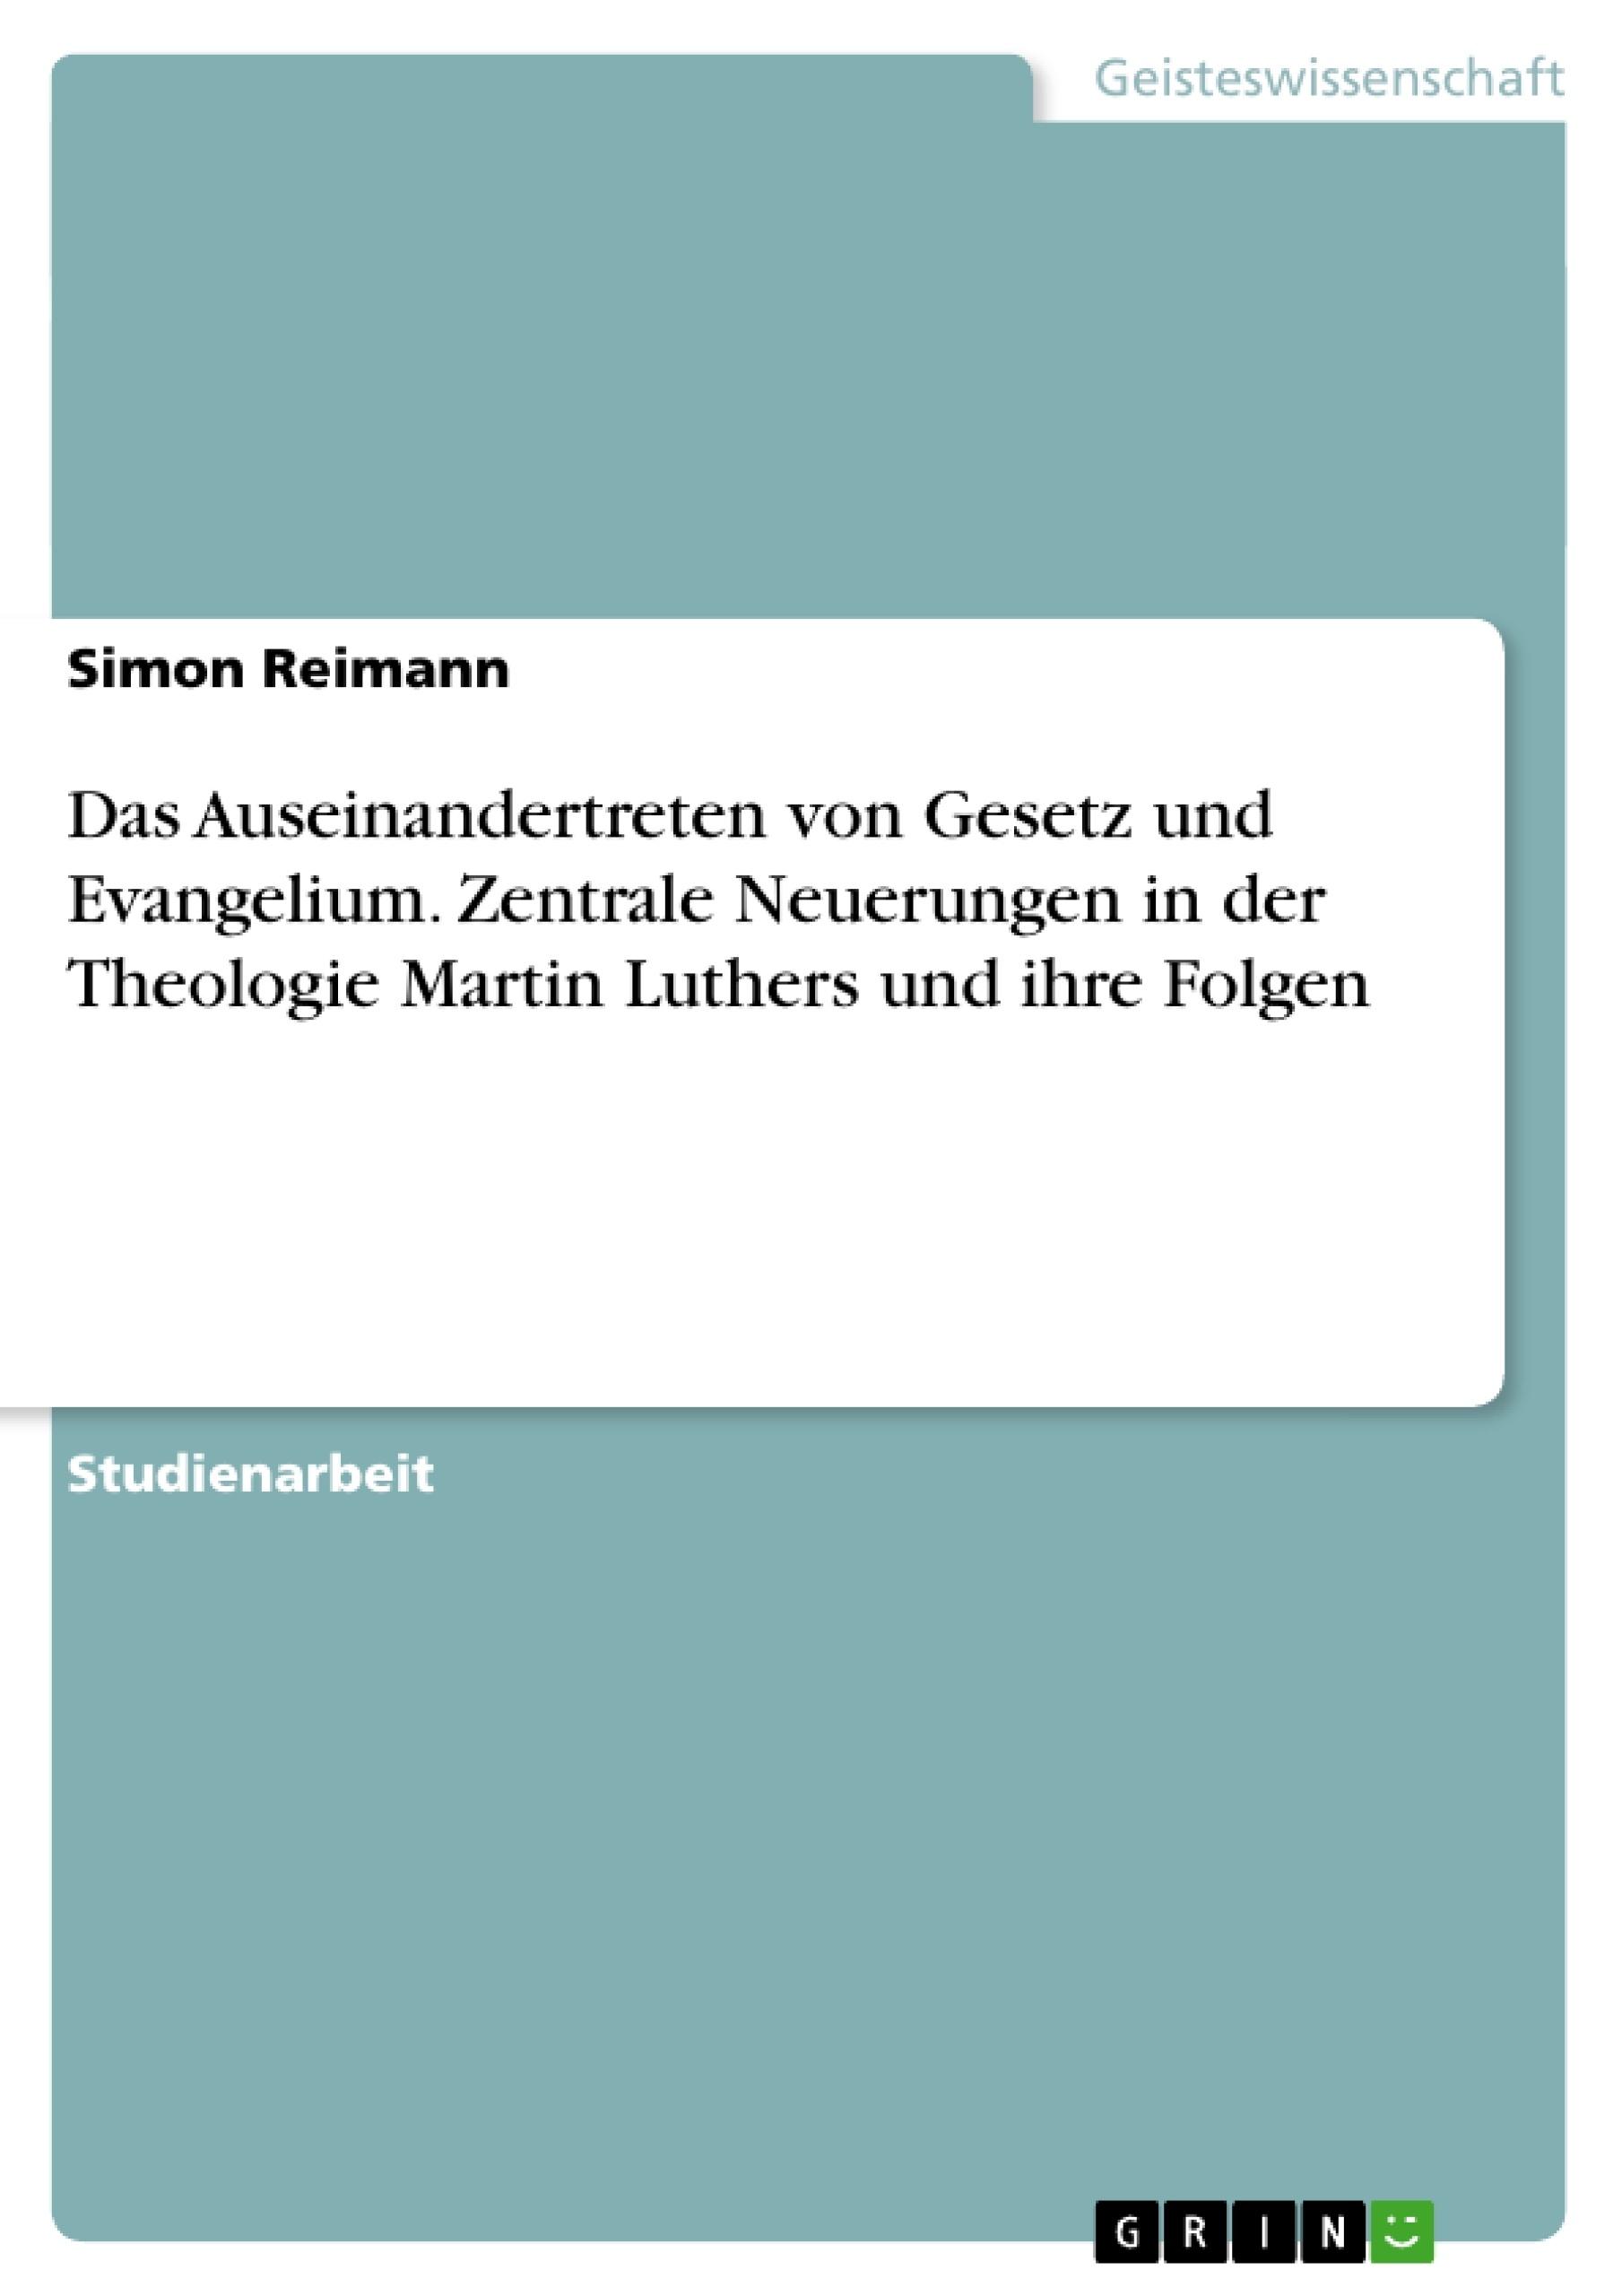 Titel: Das Auseinandertreten von Gesetz und Evangelium. Zentrale Neuerungen in der Theologie Martin Luthers und ihre Folgen